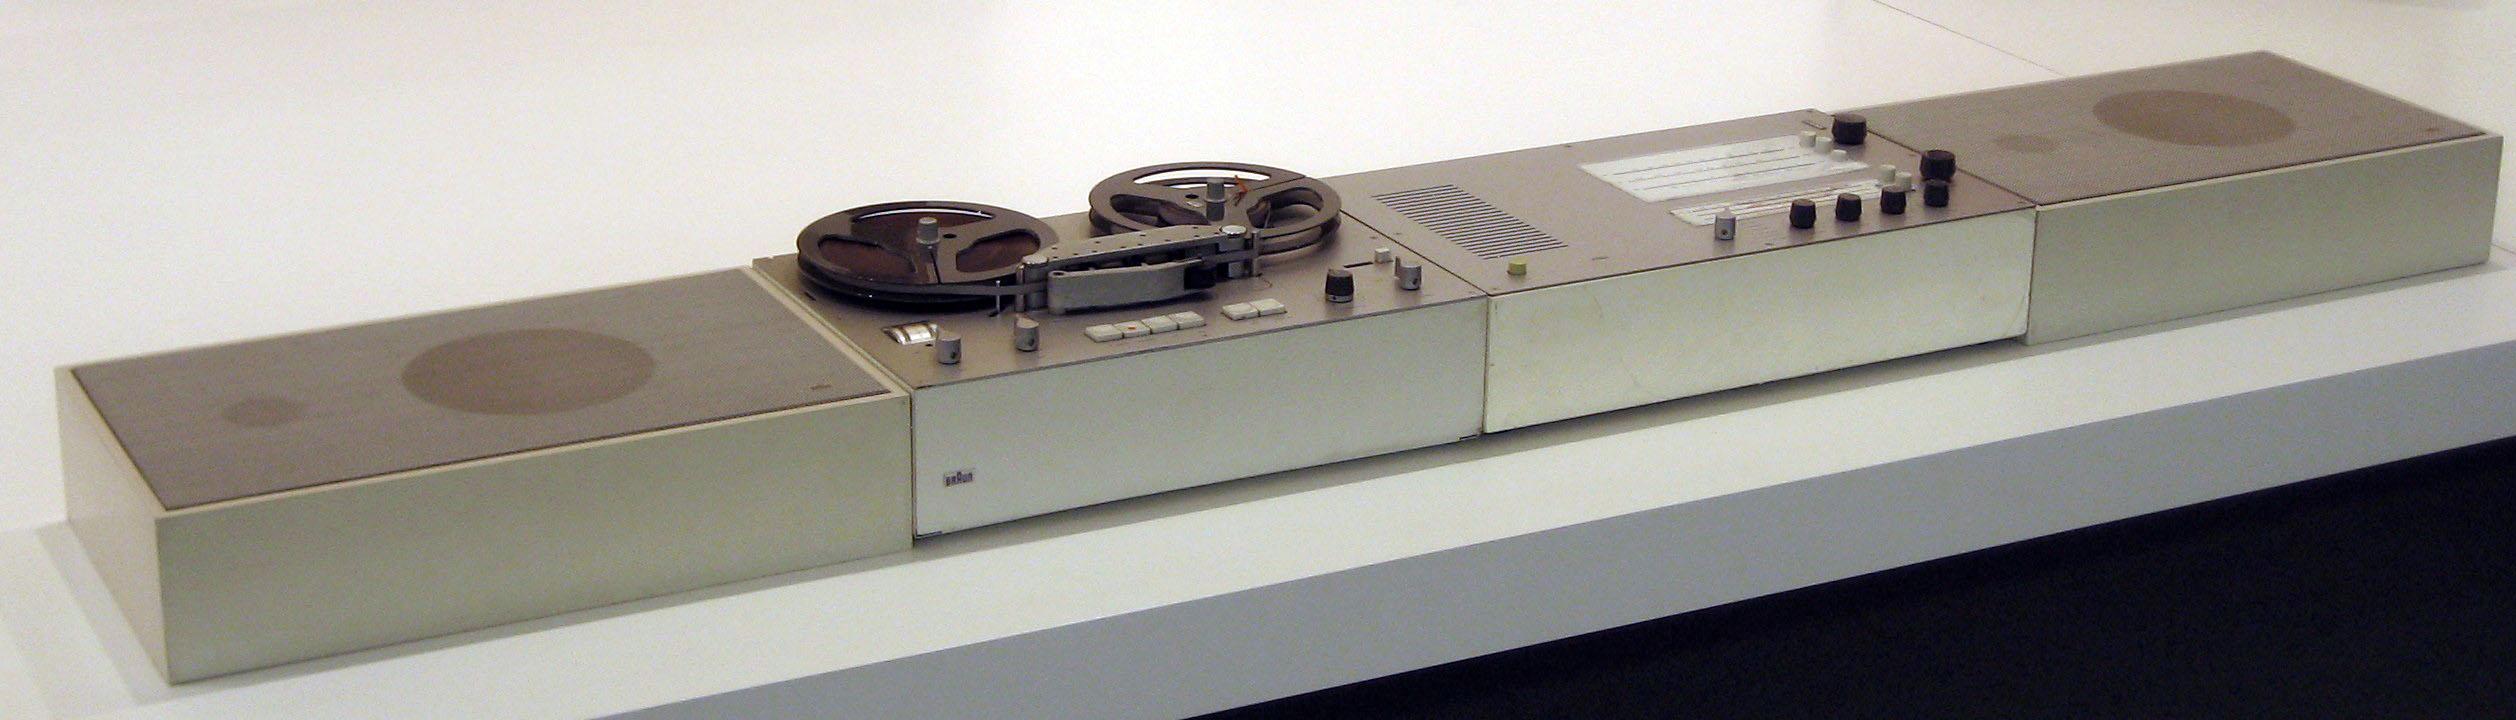 Braun TS 45, TG 60, L 450 (Germany, 1964/1965)